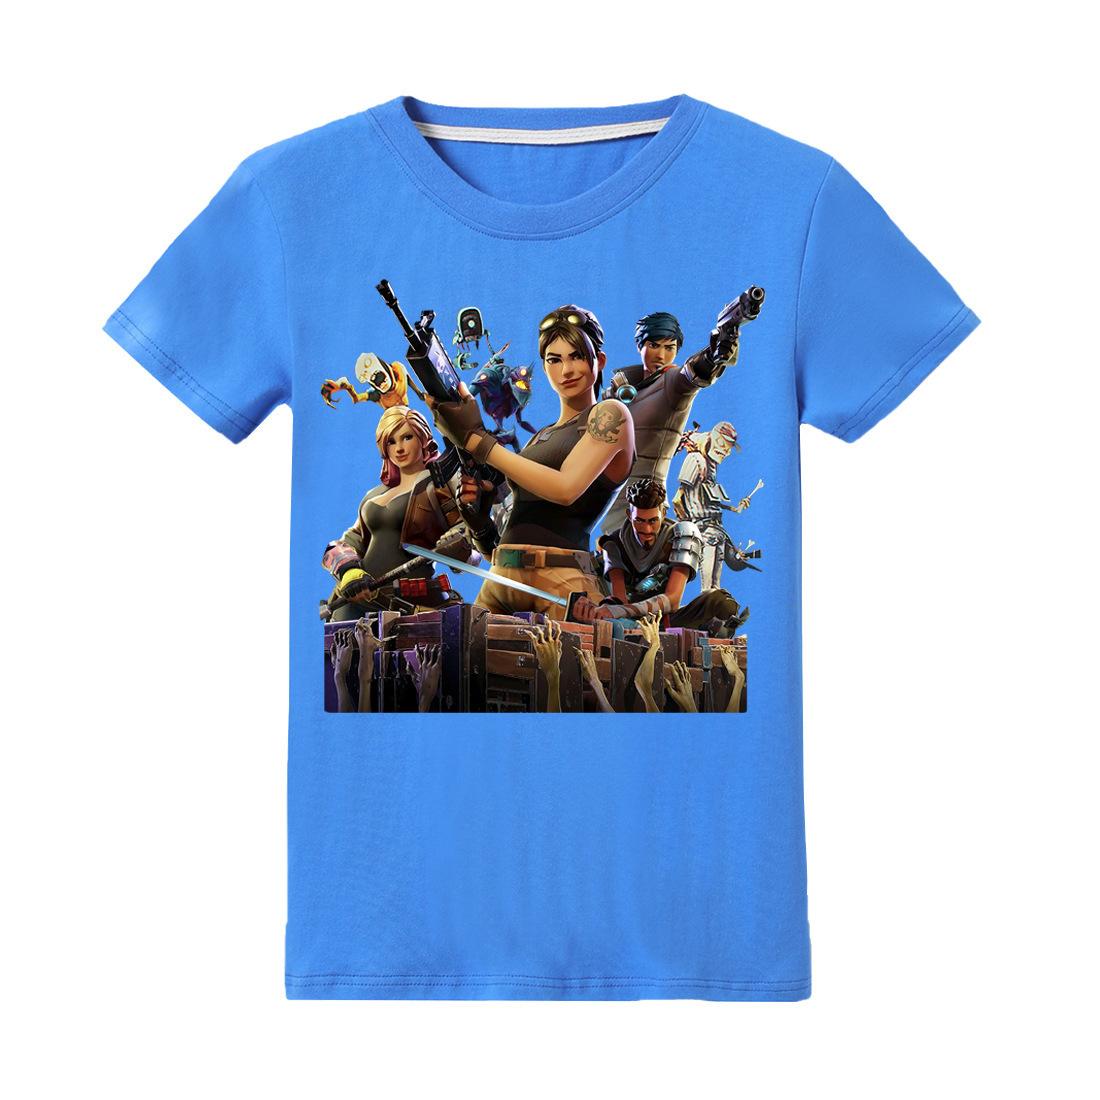 Niños Fornite Boy Camiseta Ropa de Verano Niños 100% Algodón Camisetas de Manga Corta Camisetas Juego Quincena de Dibujos Animados Adolescente 6-14y Ropa J190427